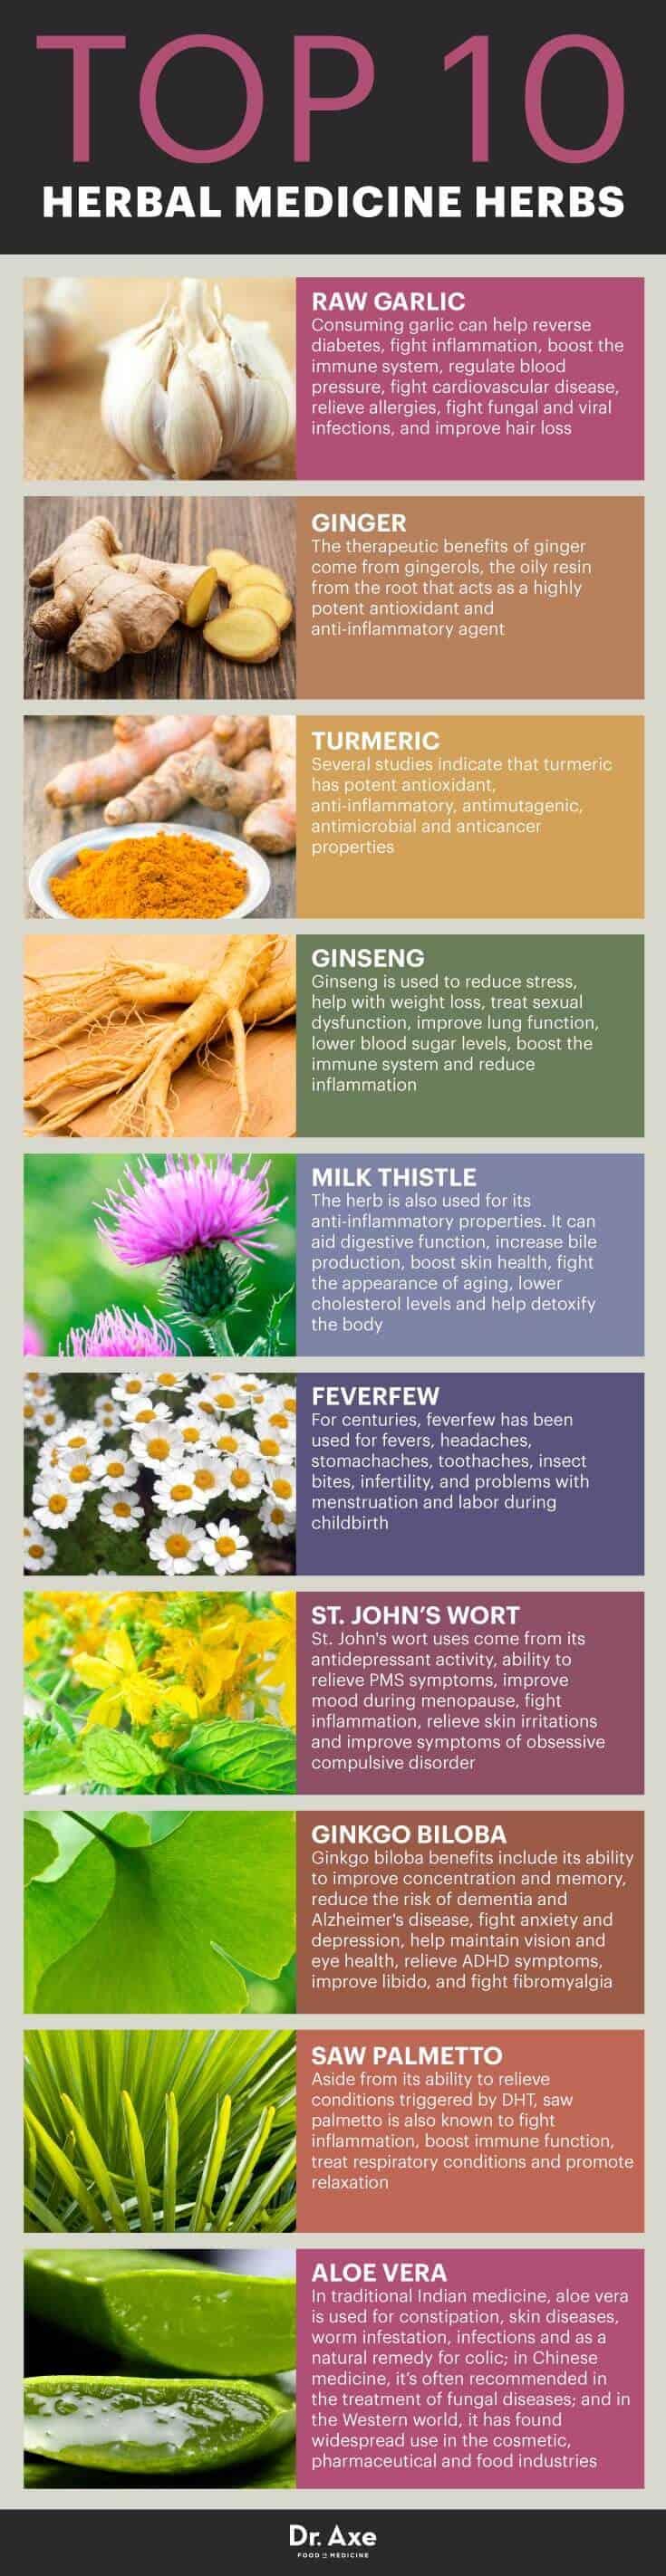 Top 10 medicinal herbs - Dr. Axe